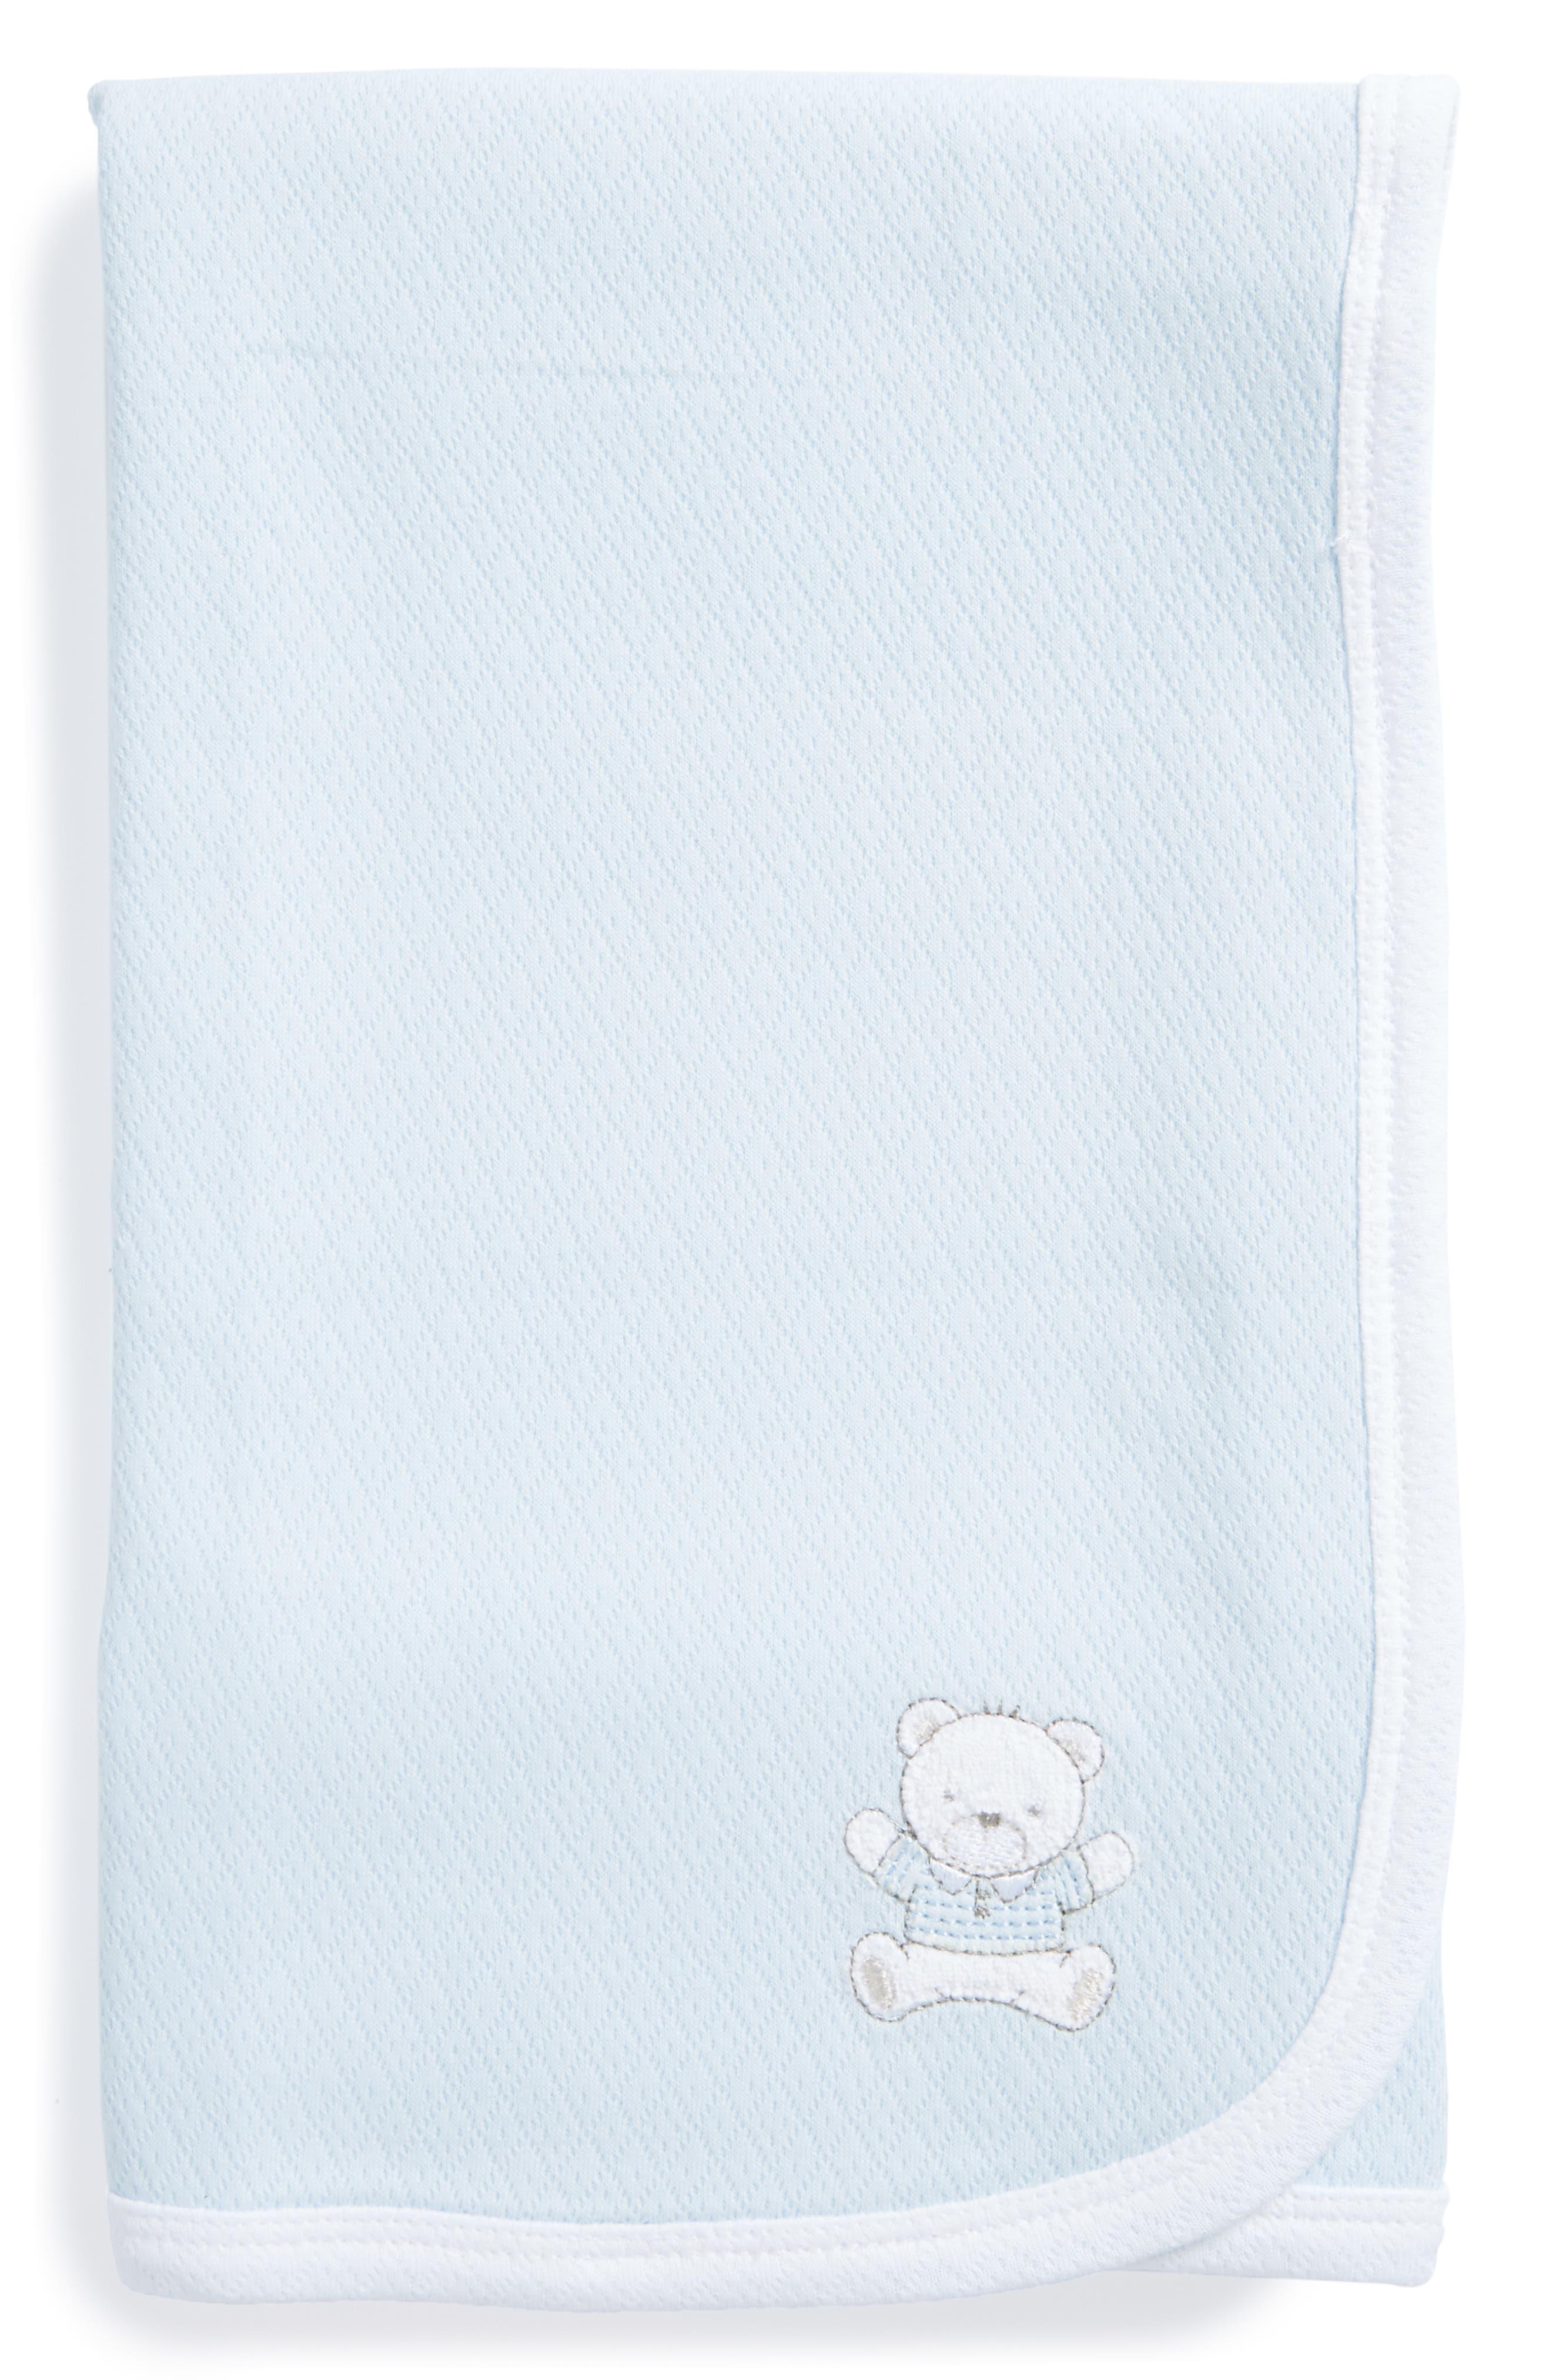 Little Me Bear Receiving Blanket (Nordstrom Exclusive)